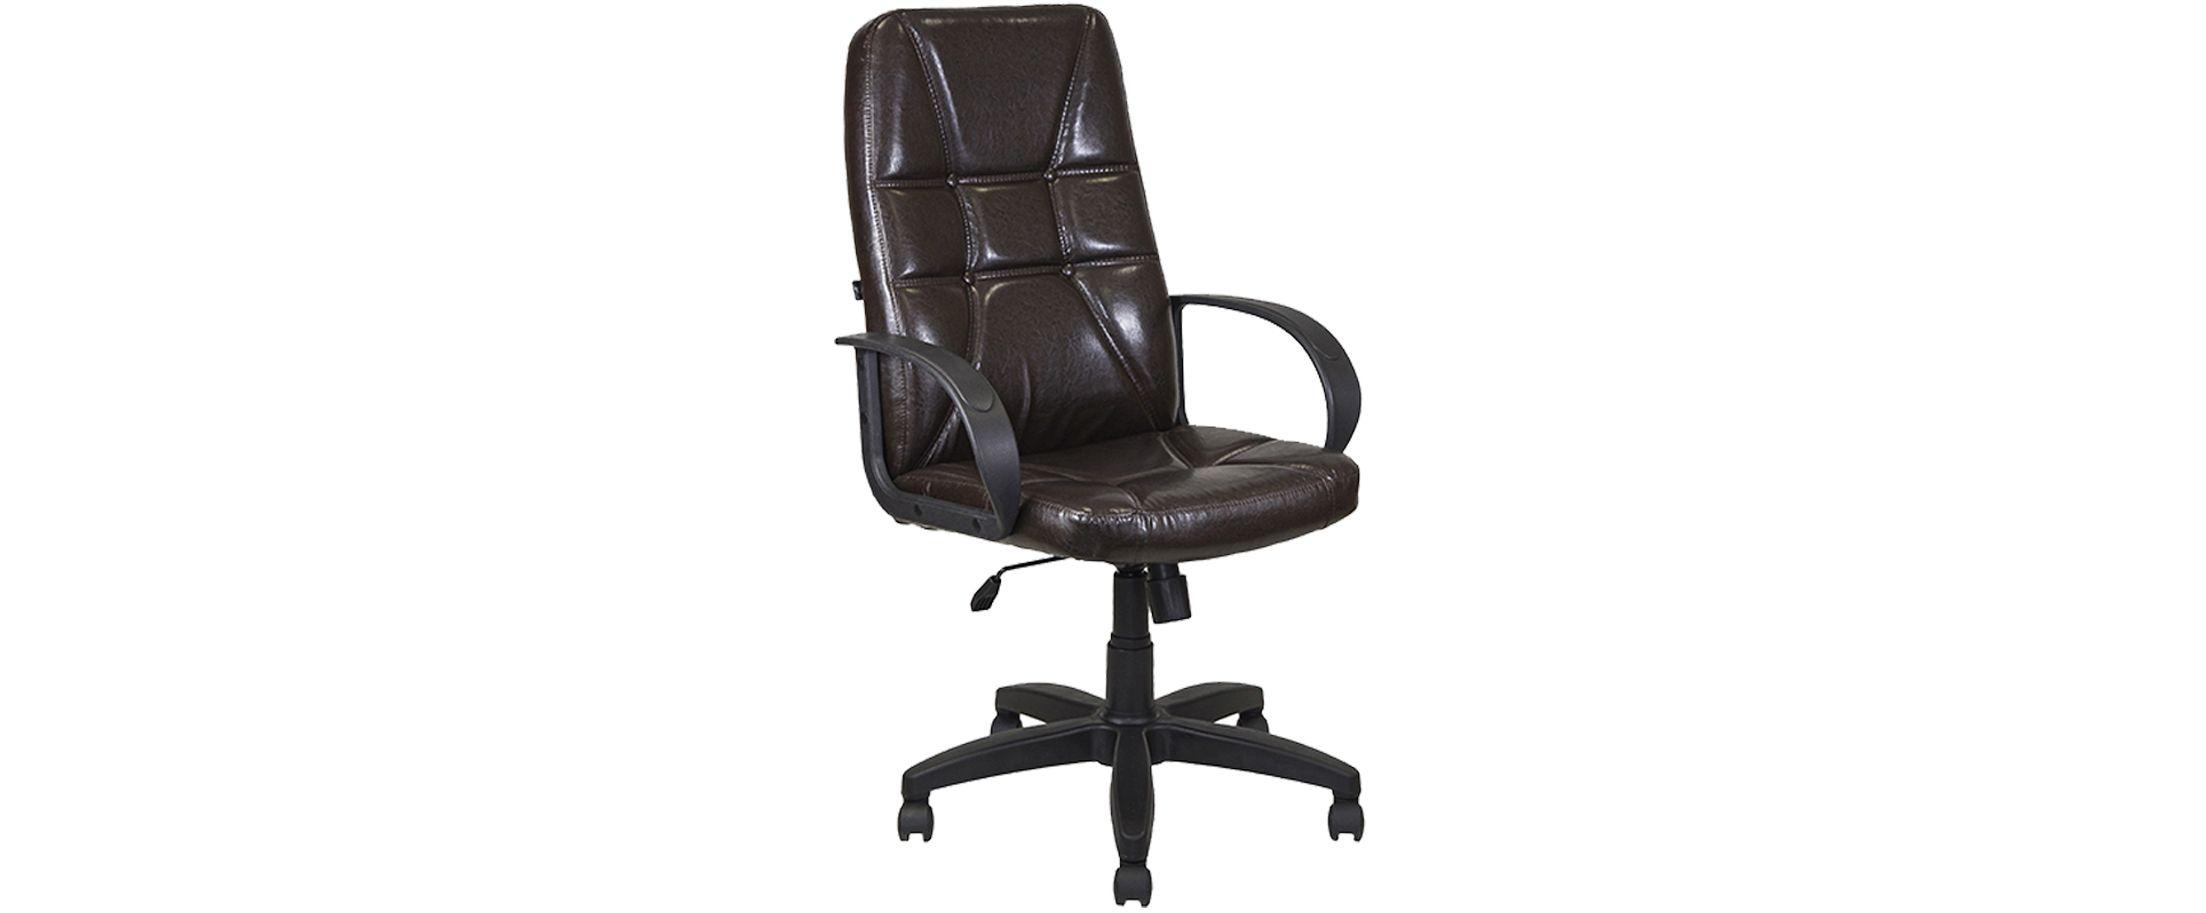 Кресло офисное AV 114 из экокожи цвет шоколад Модель 999 от MOON TRADE